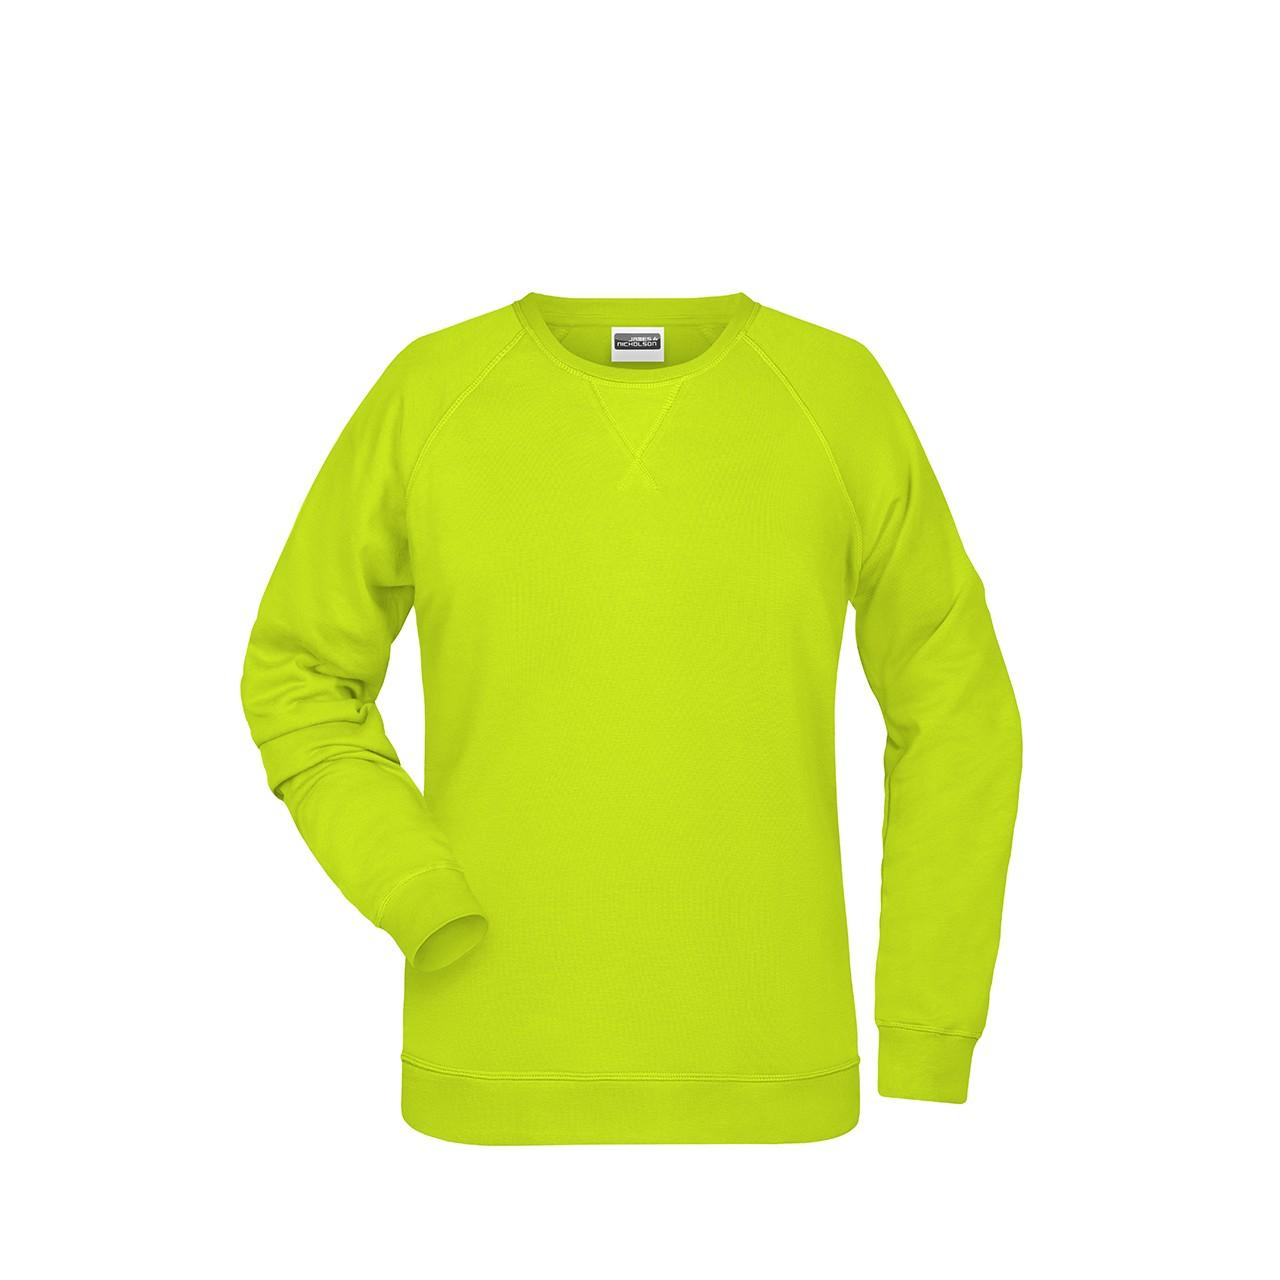 Damen Sweathshirt Bio-Baumwolle James & Nicholson®   bedrucken, besticken, bedrucken lassen, besticken lassen, mit Logo  